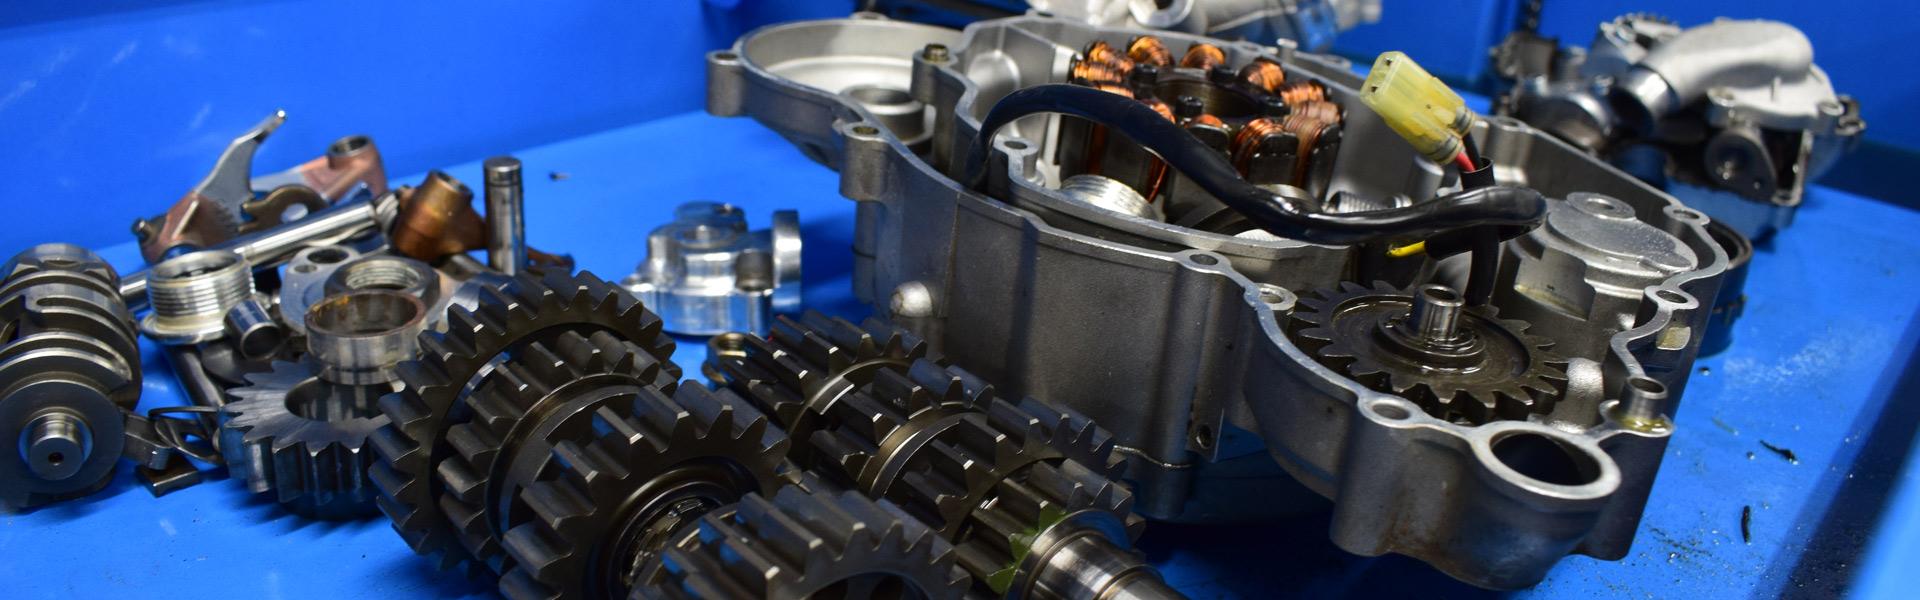 Onderhoud en reparatie bij SMX Racing